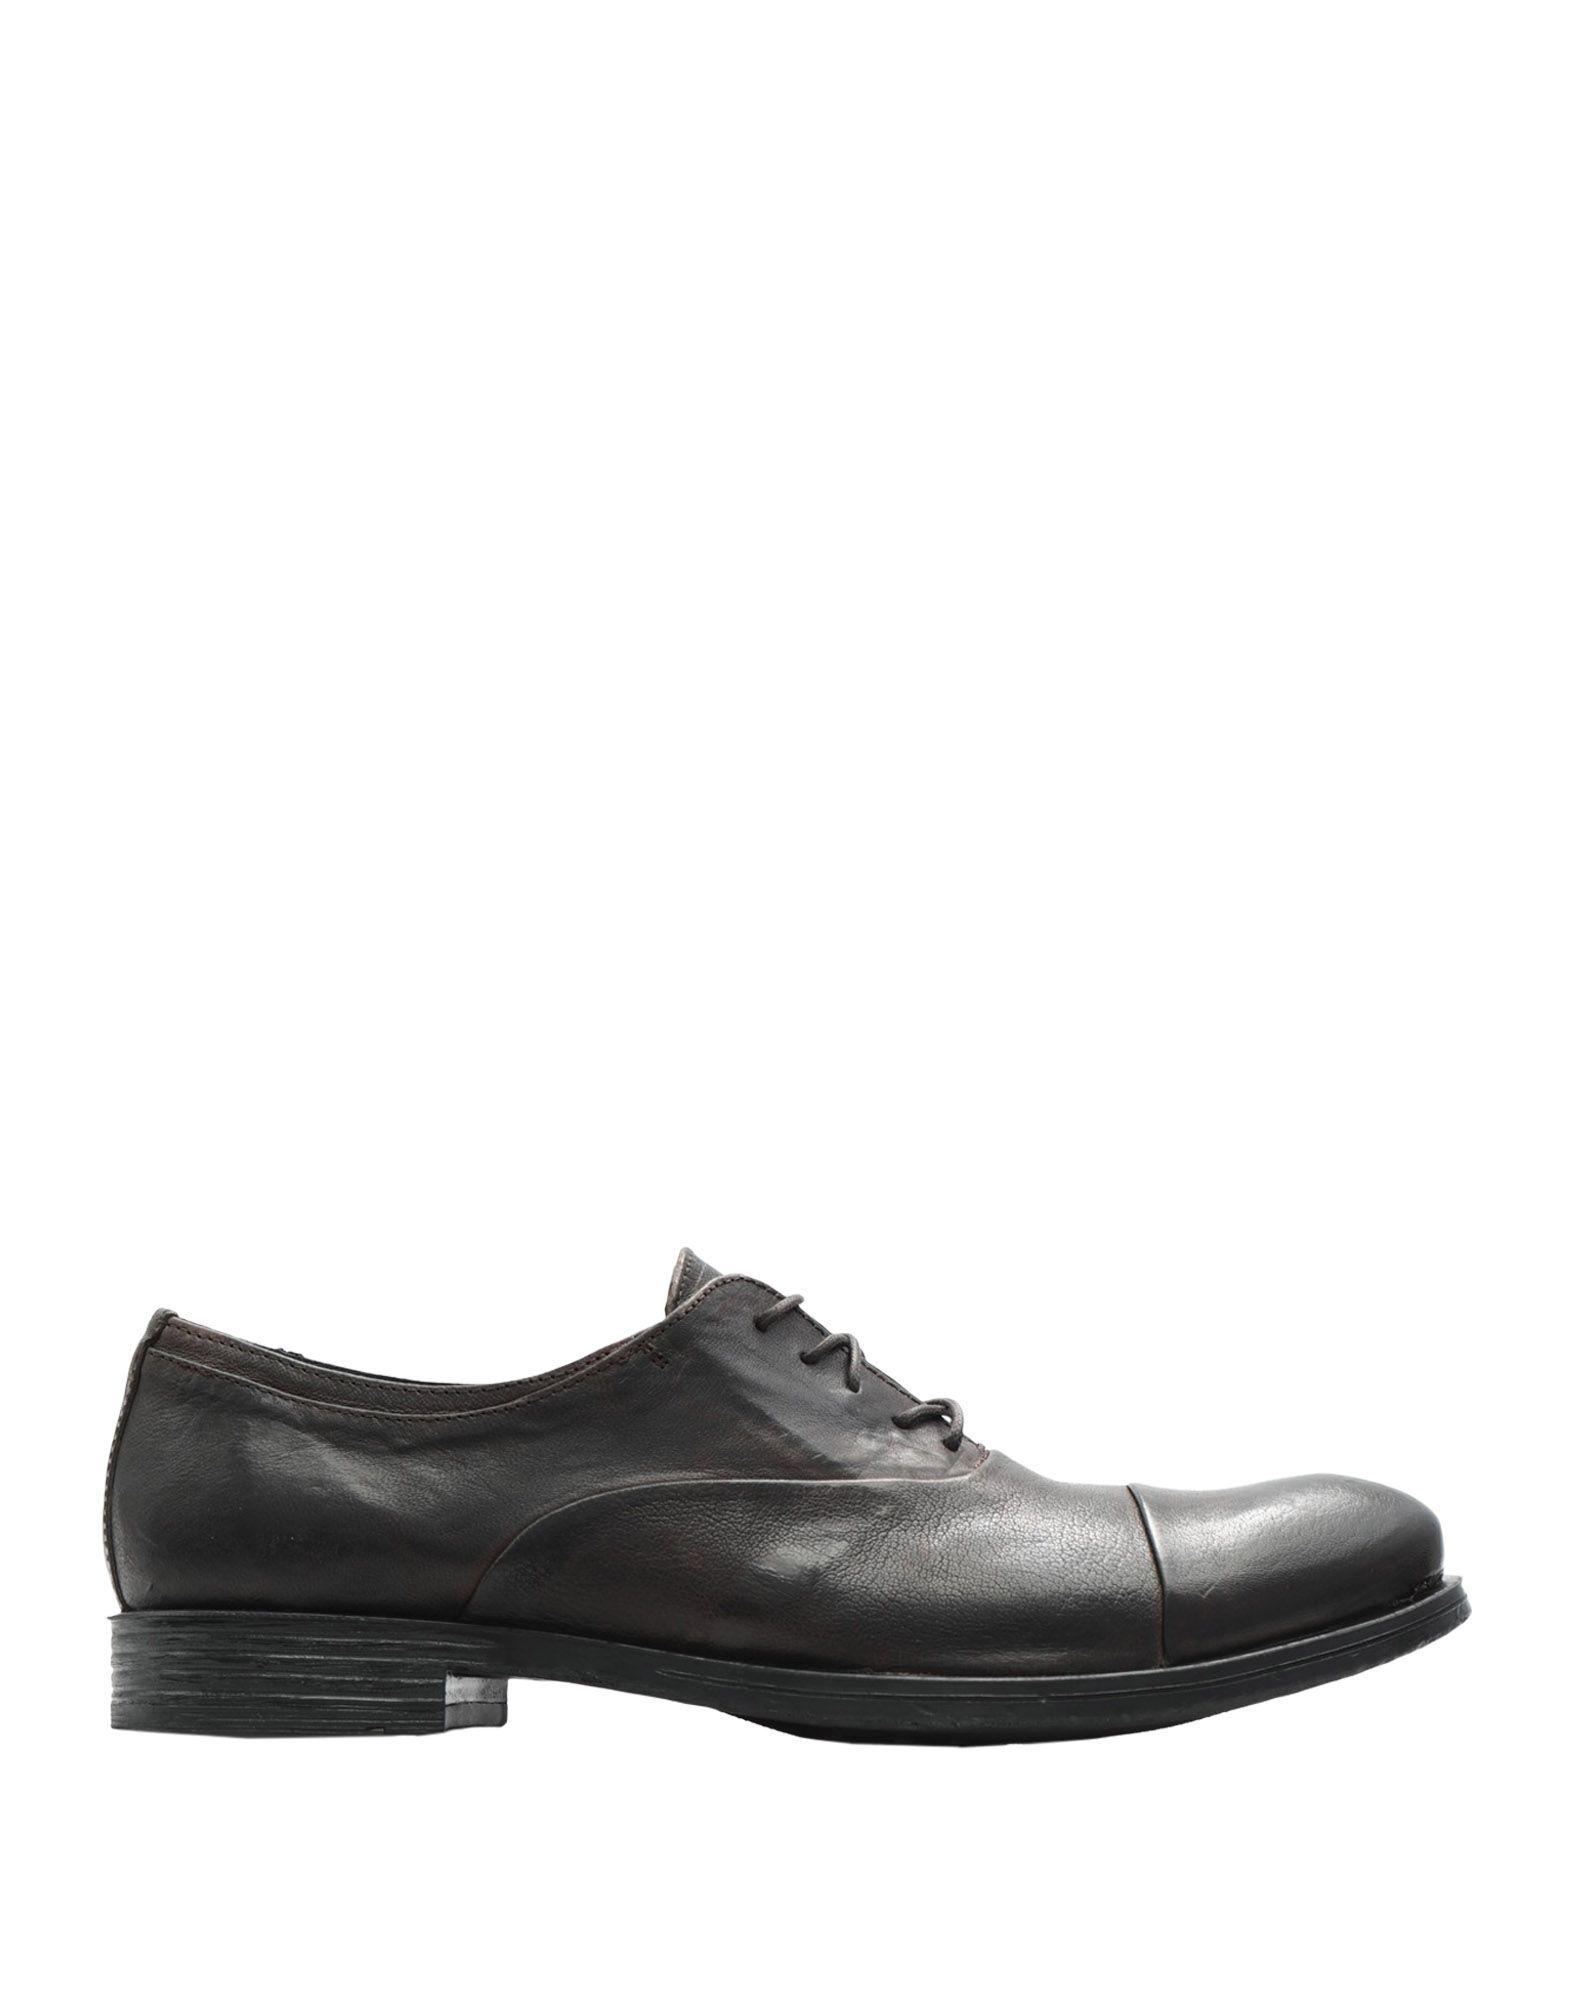 Pawelk's Schnürschuhe Herren  11524556JG Gute Qualität beliebte Schuhe